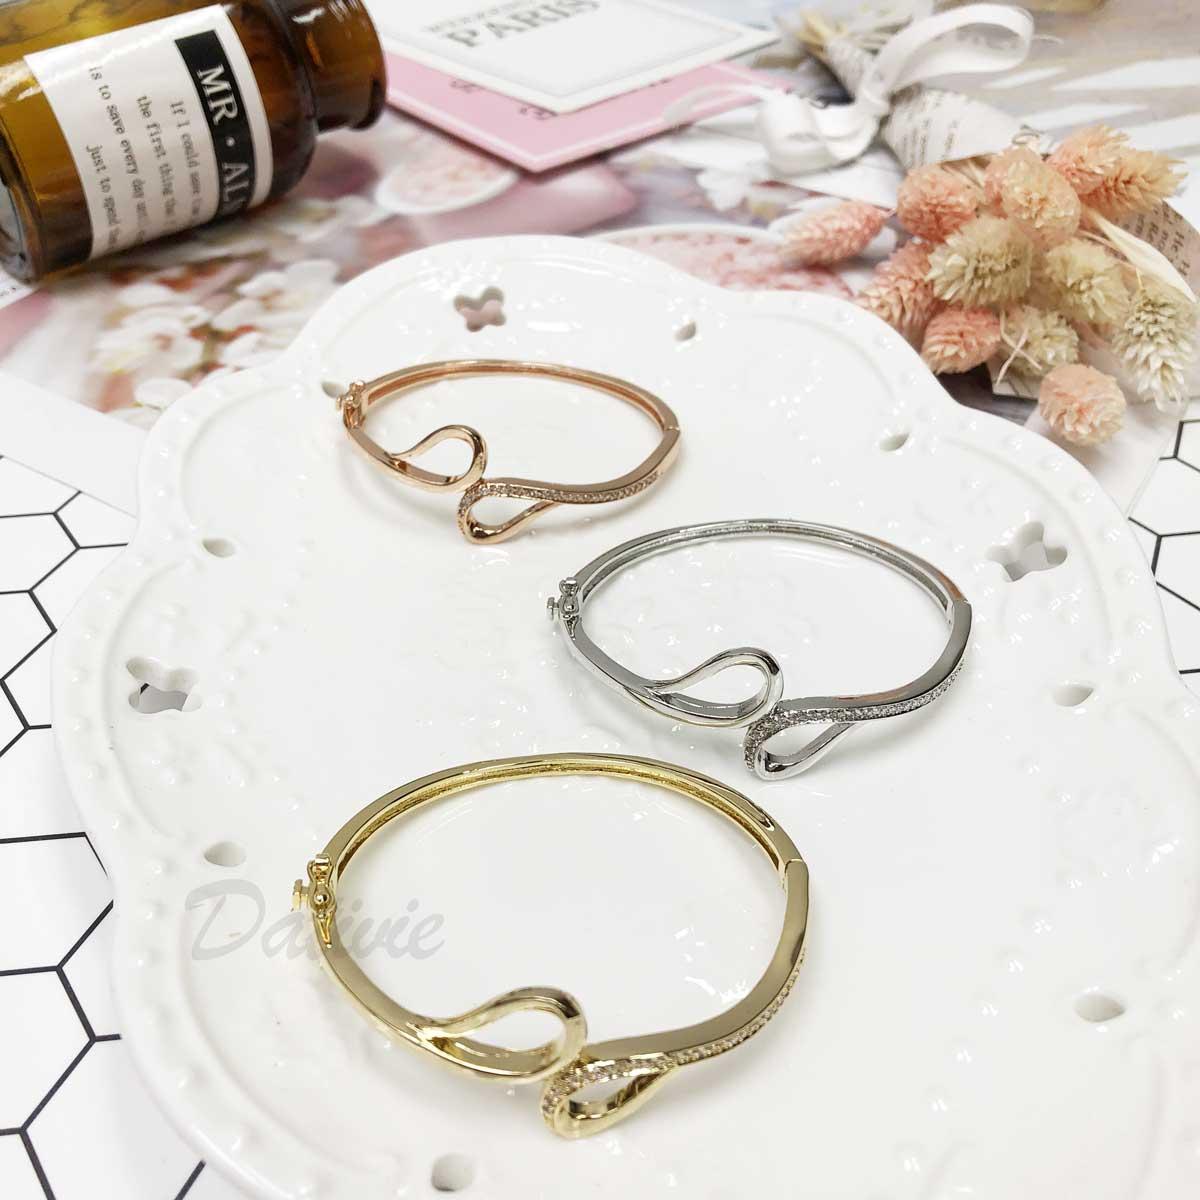 對稱 水鑽 線條感 氣質感 簡約 玫瑰金 手環 手飾